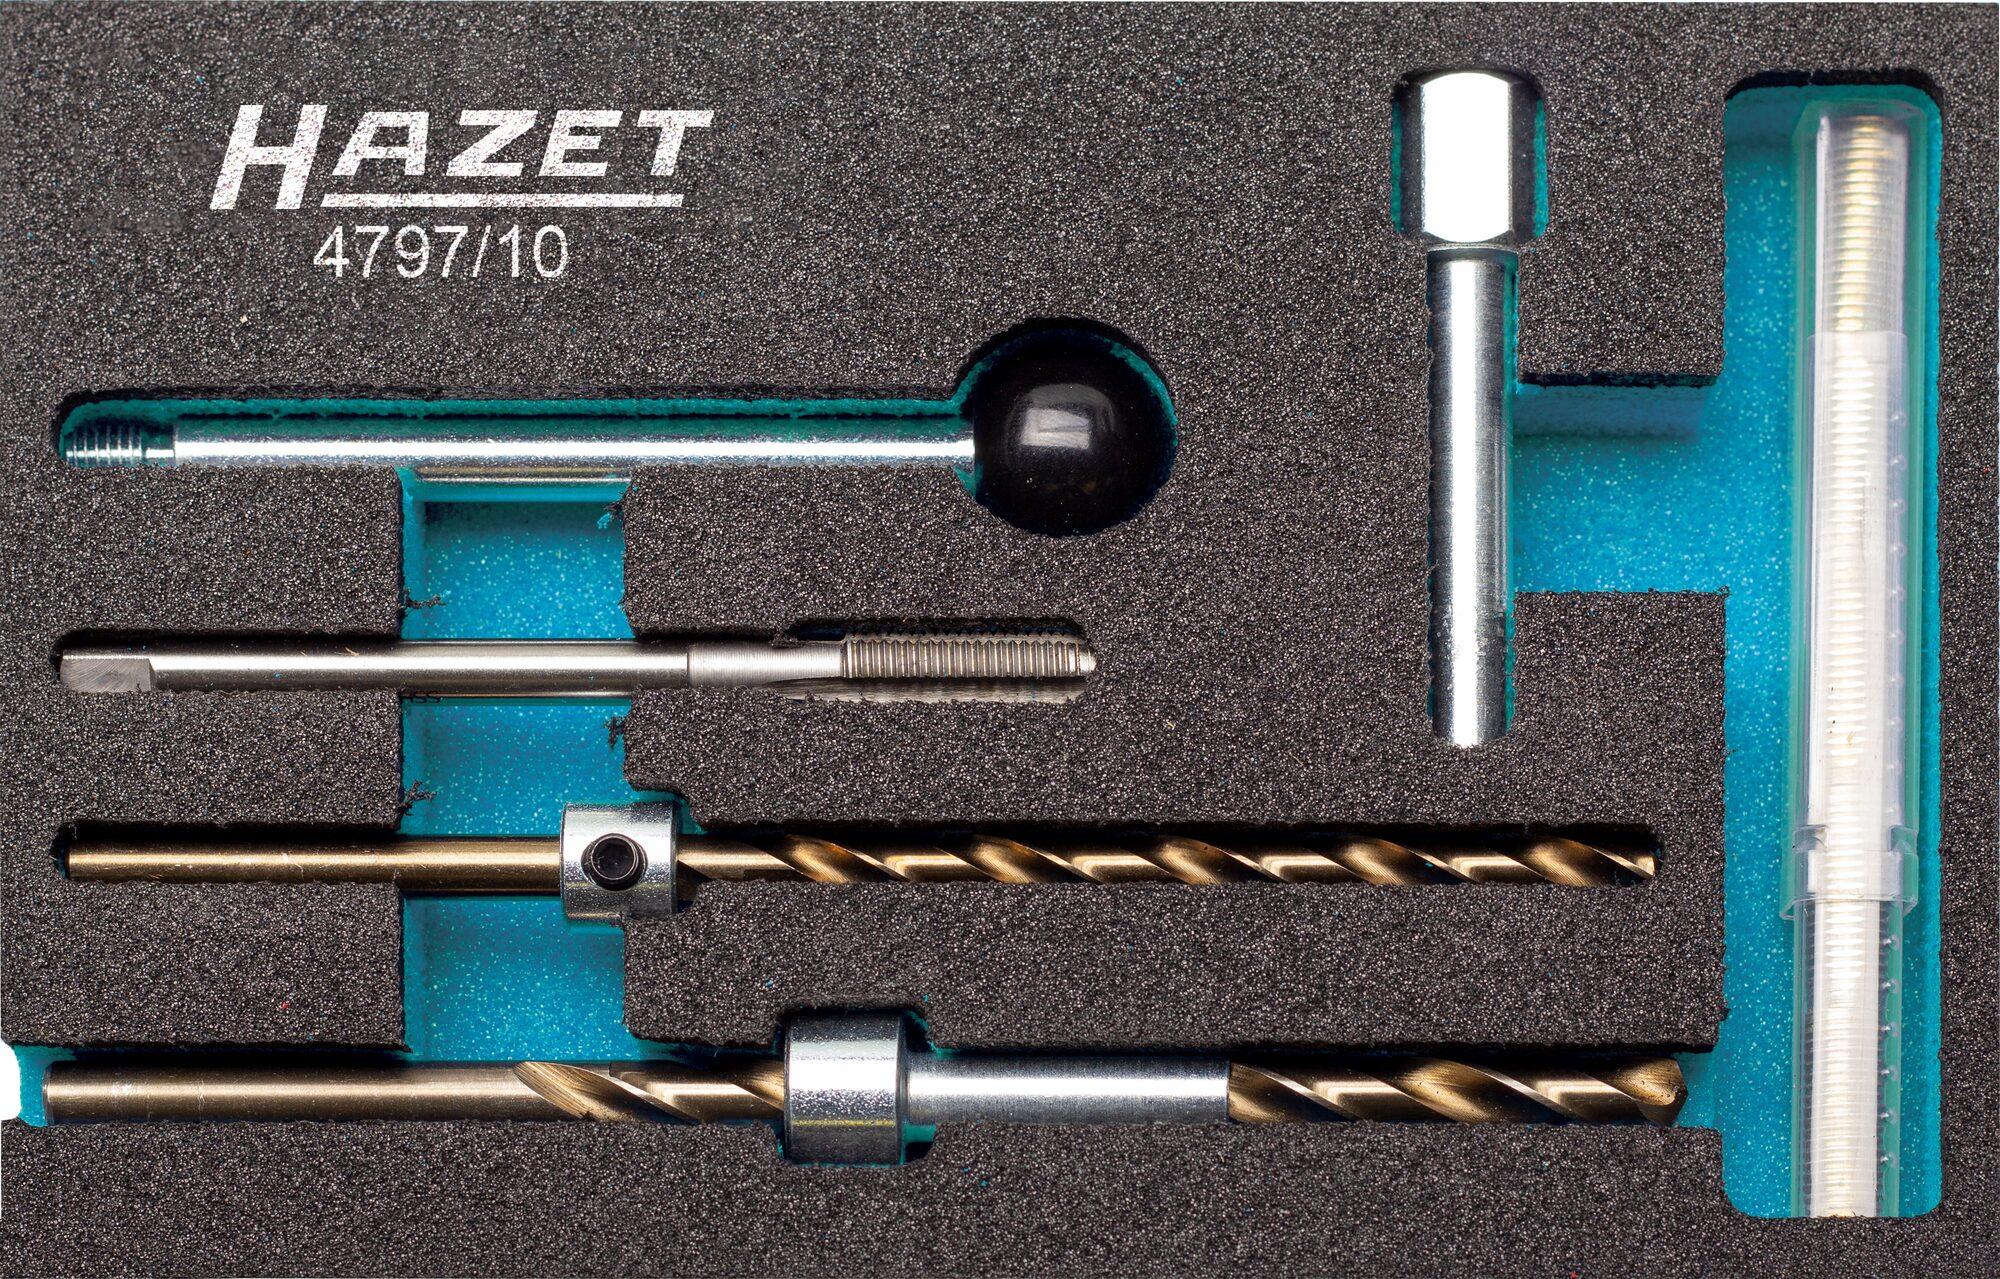 HAZET Gewinde-Reparatur Satz für Injektor-Befestigungsschraube 4797/10 ∙ Anzahl Werkzeuge: 10